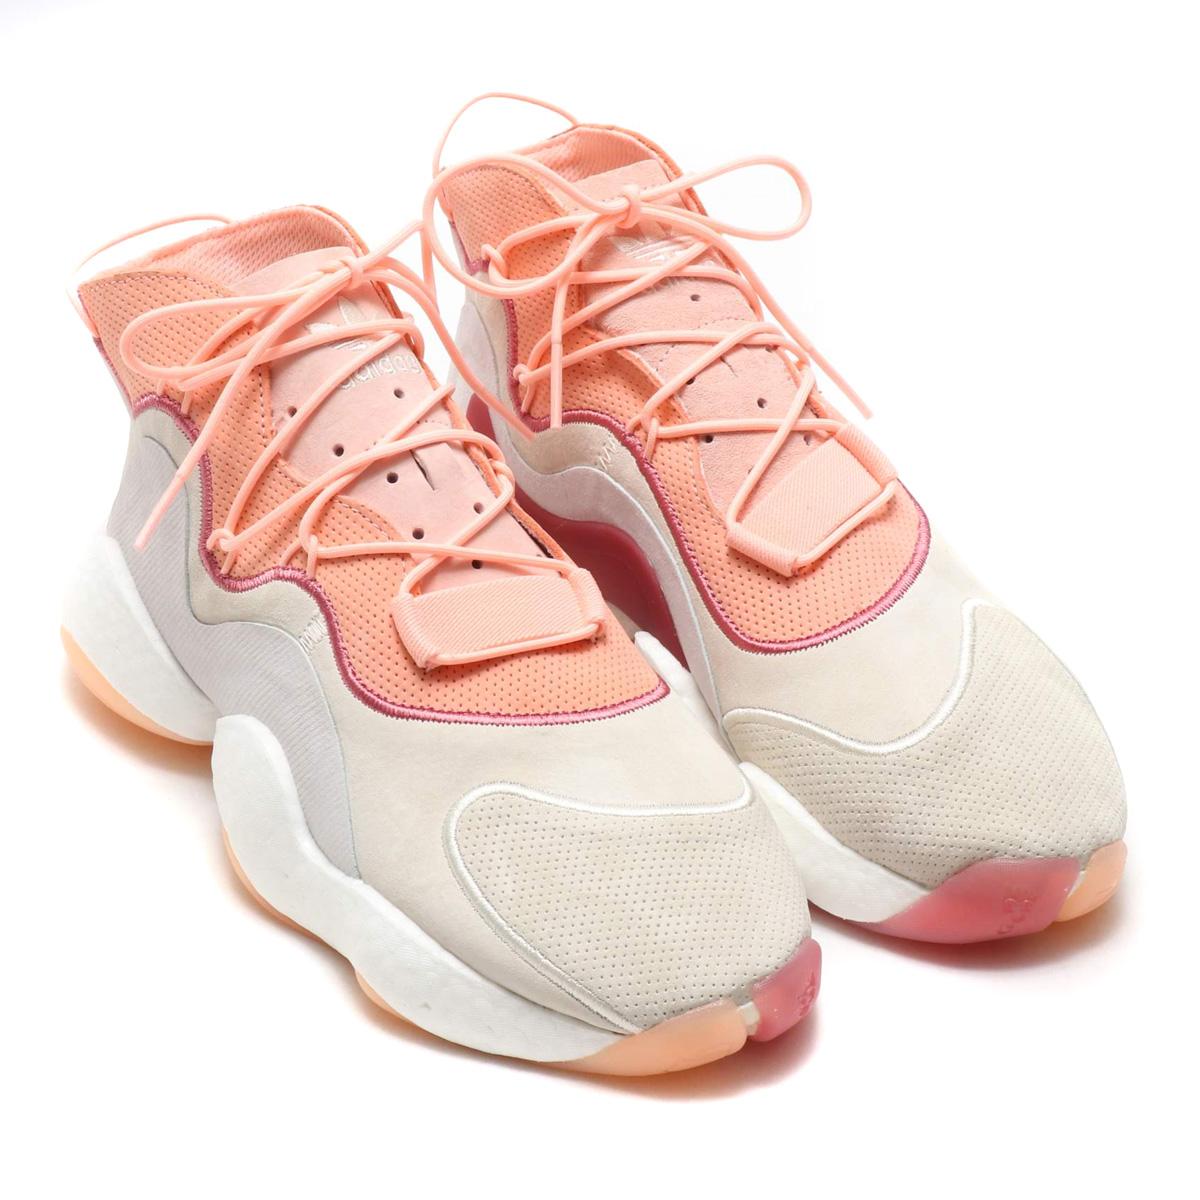 online store 71ce4 6e3ea ... where to buy adidas crazy byw lvl i adidas crazy byw lvl1 cream white  clear orange